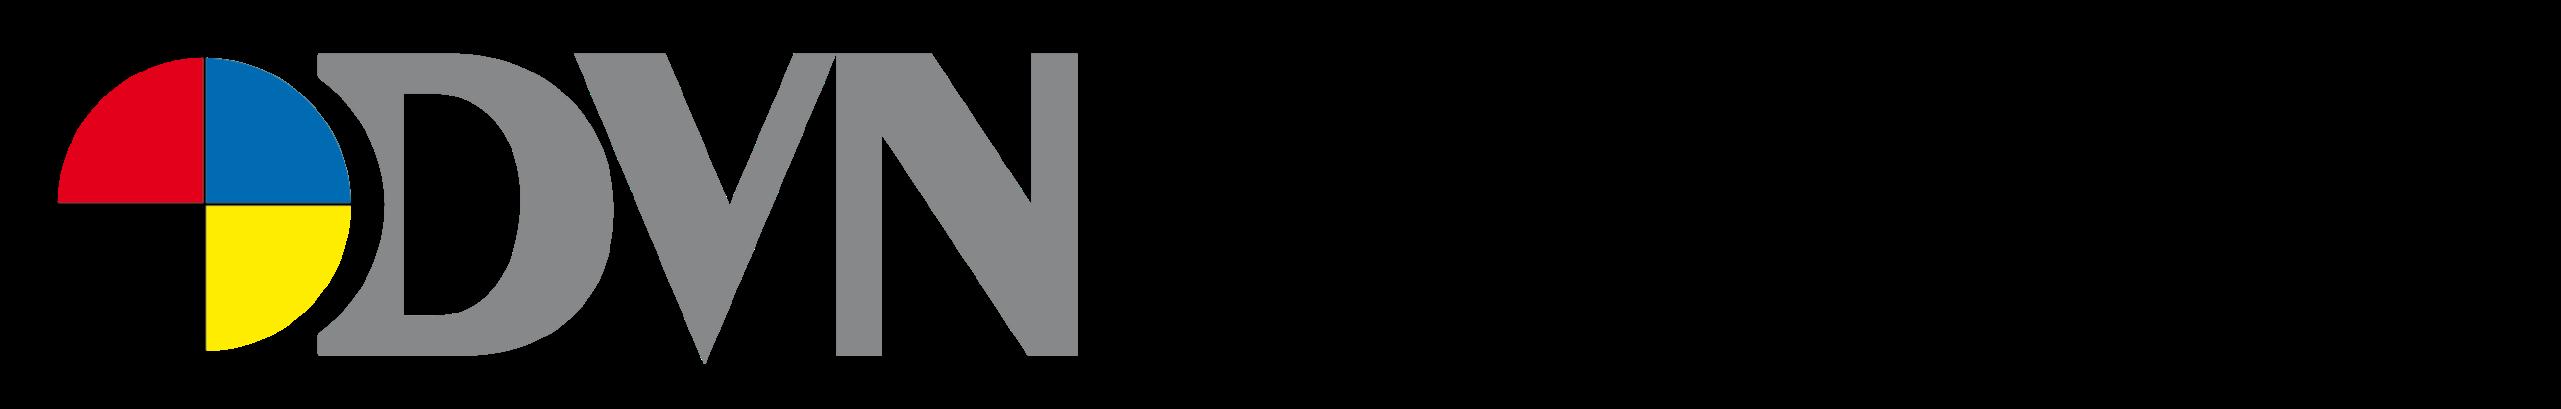 Digitaldruckerei für Servietten, Softairlaid-Coaster, Bierdeckel, Tügriffschutz & mehr